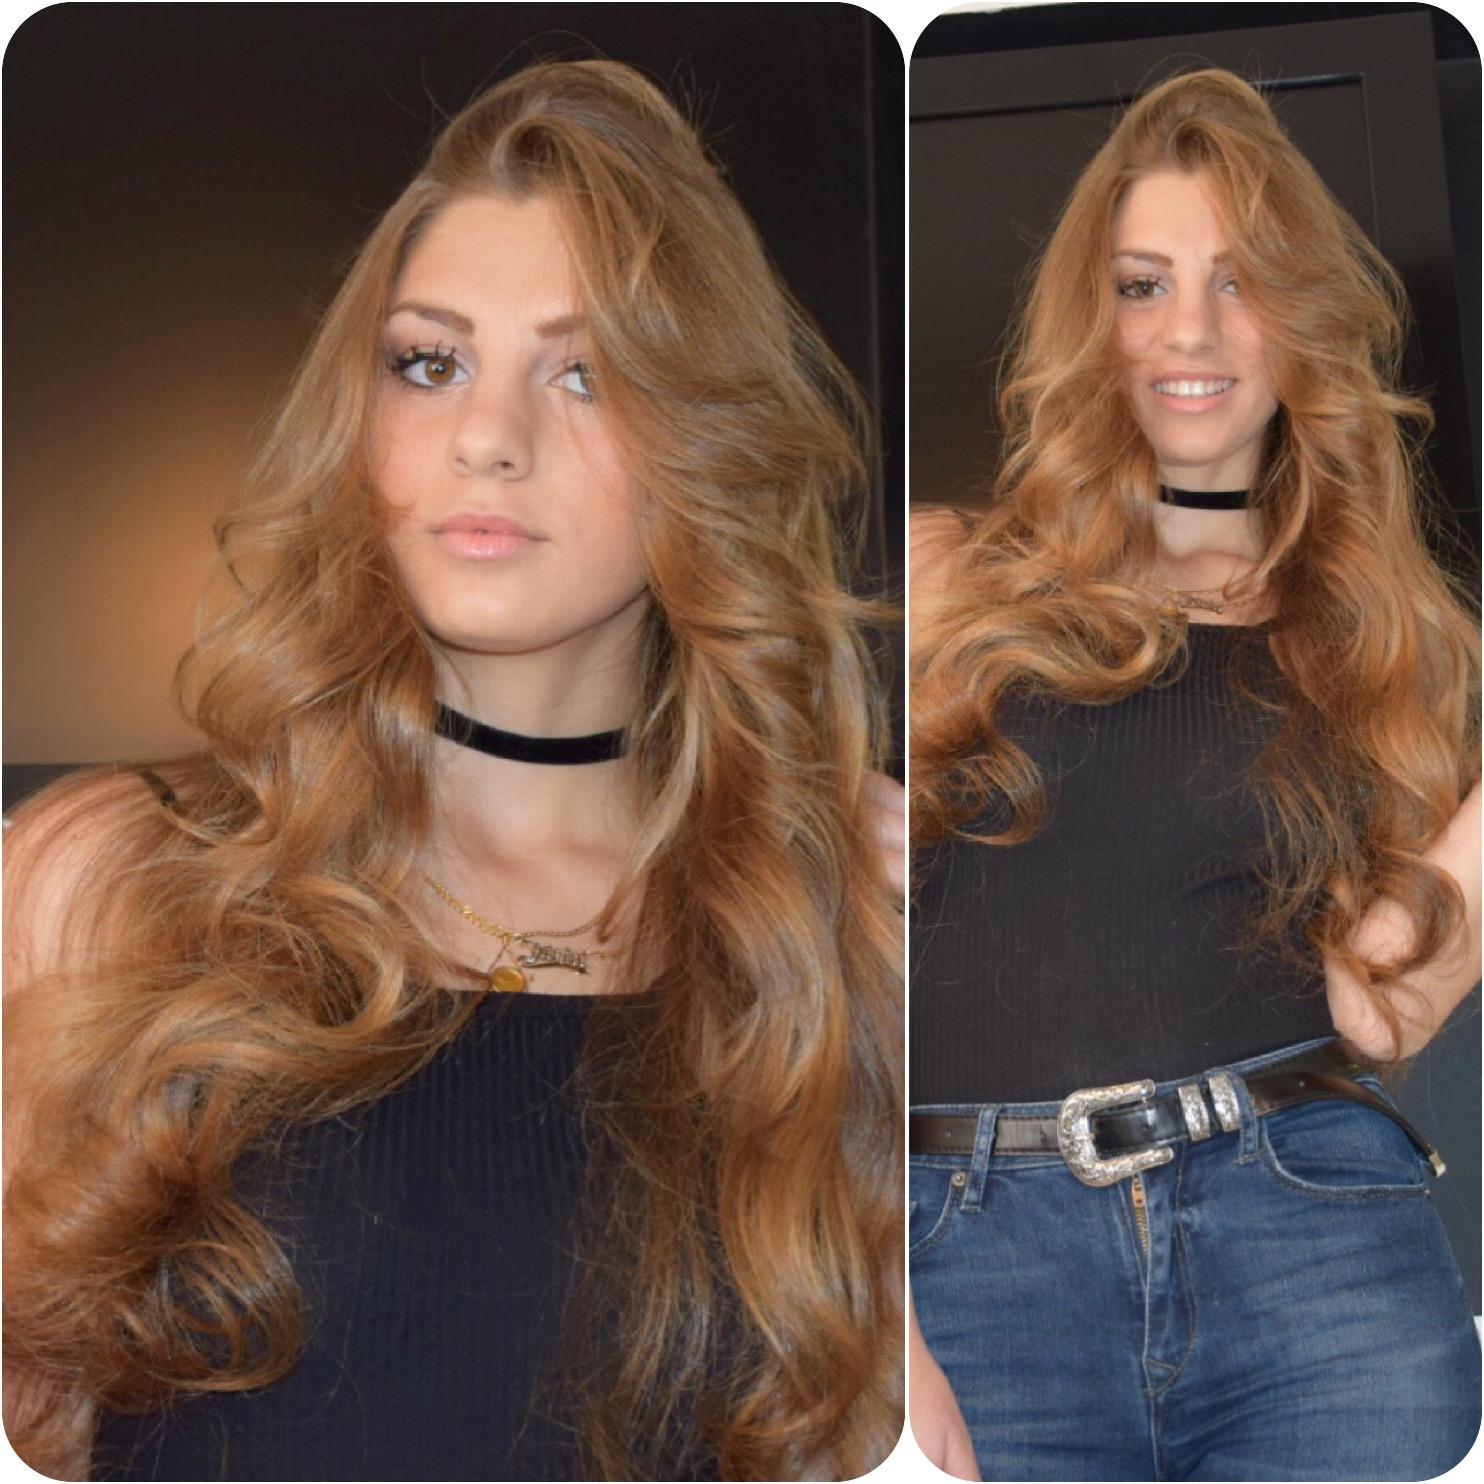 צבעי שיער טבעיים בהוד השרון משה עזרא